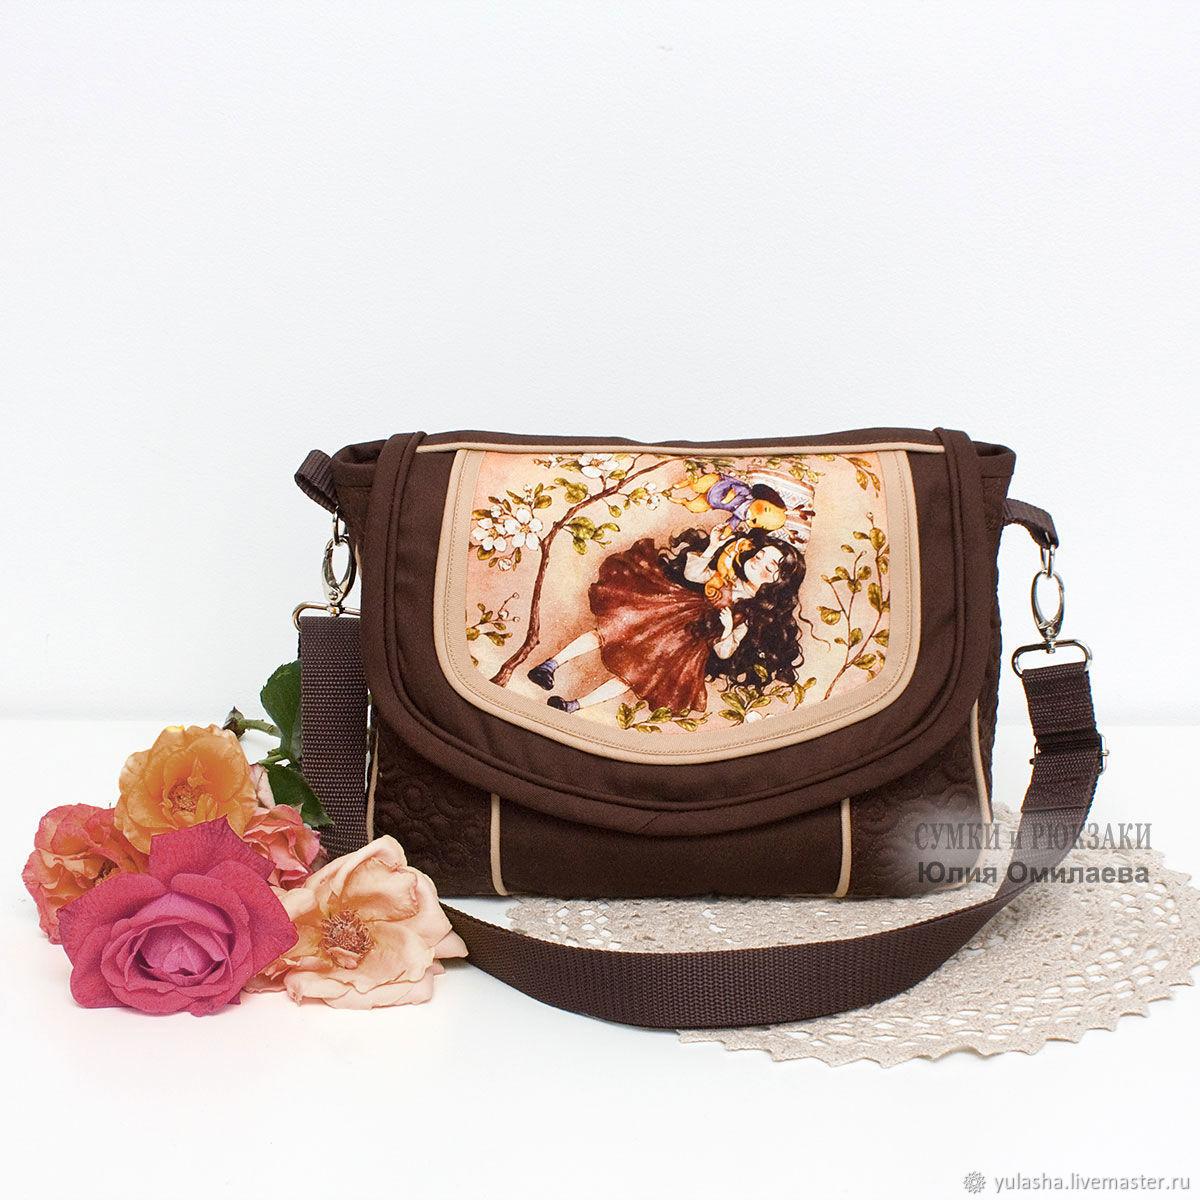 Женская сумка через плечо. Кроссбоди. Текстиль. Принт на клапане, Сумки, Краснодар, Фото №1